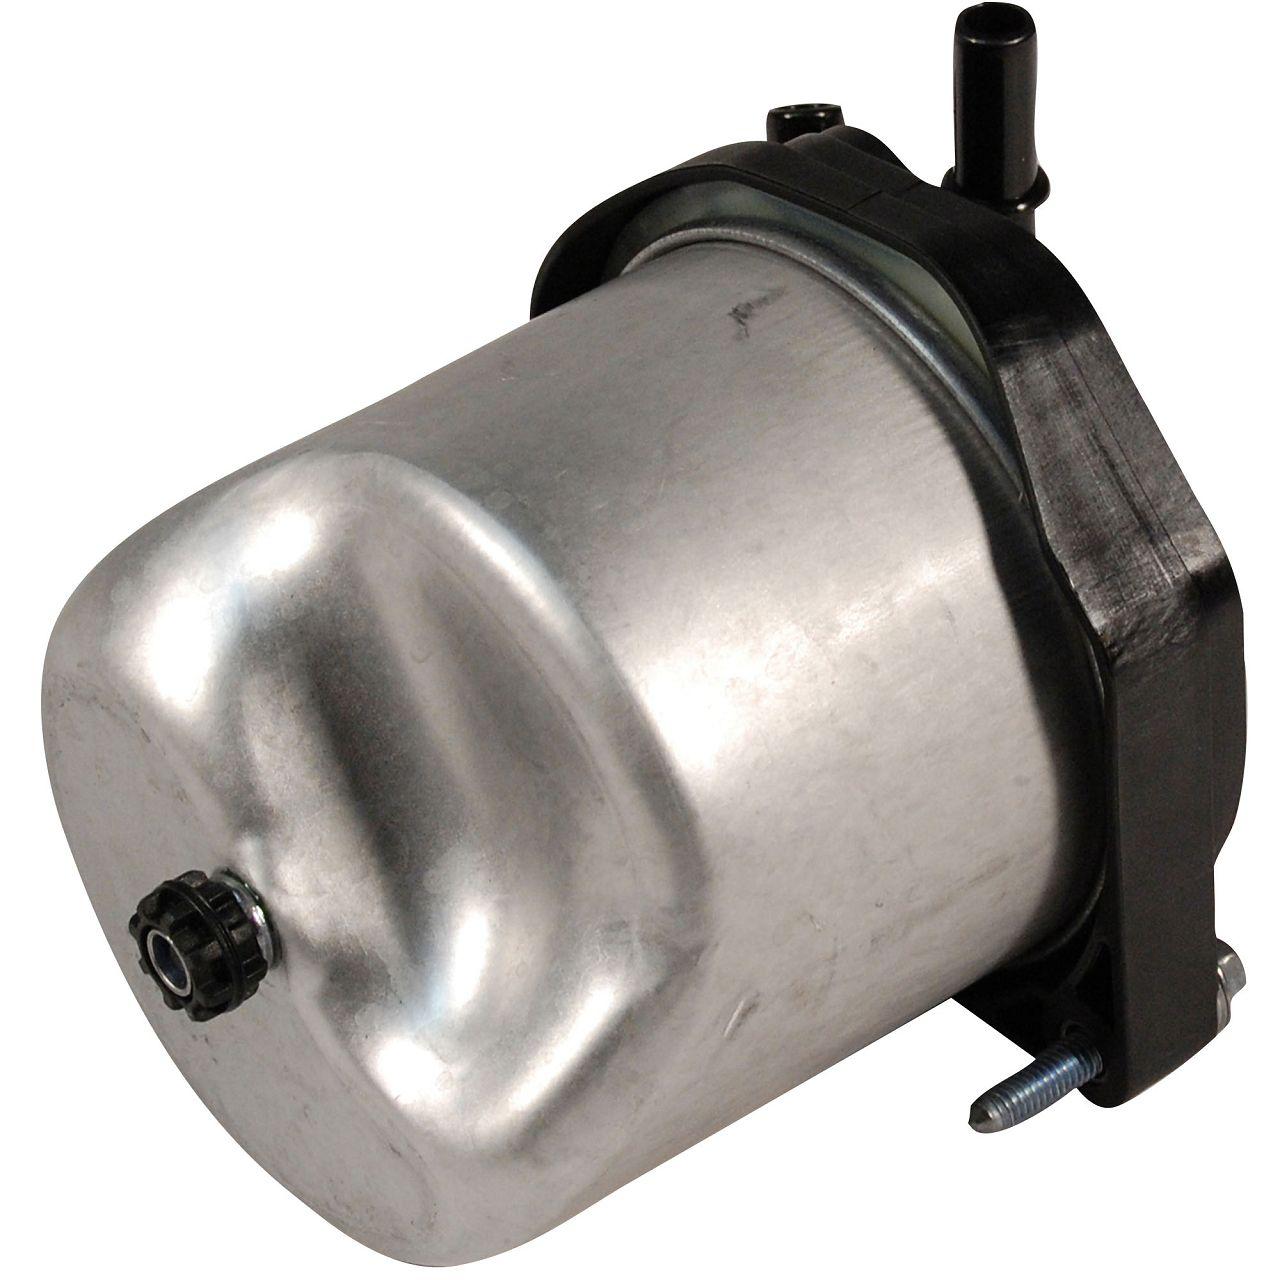 Kraftstofffilter Dieselfilter für FORD MAZDA VOLVO 1.5 DIESEL + 1.6 DIESEL